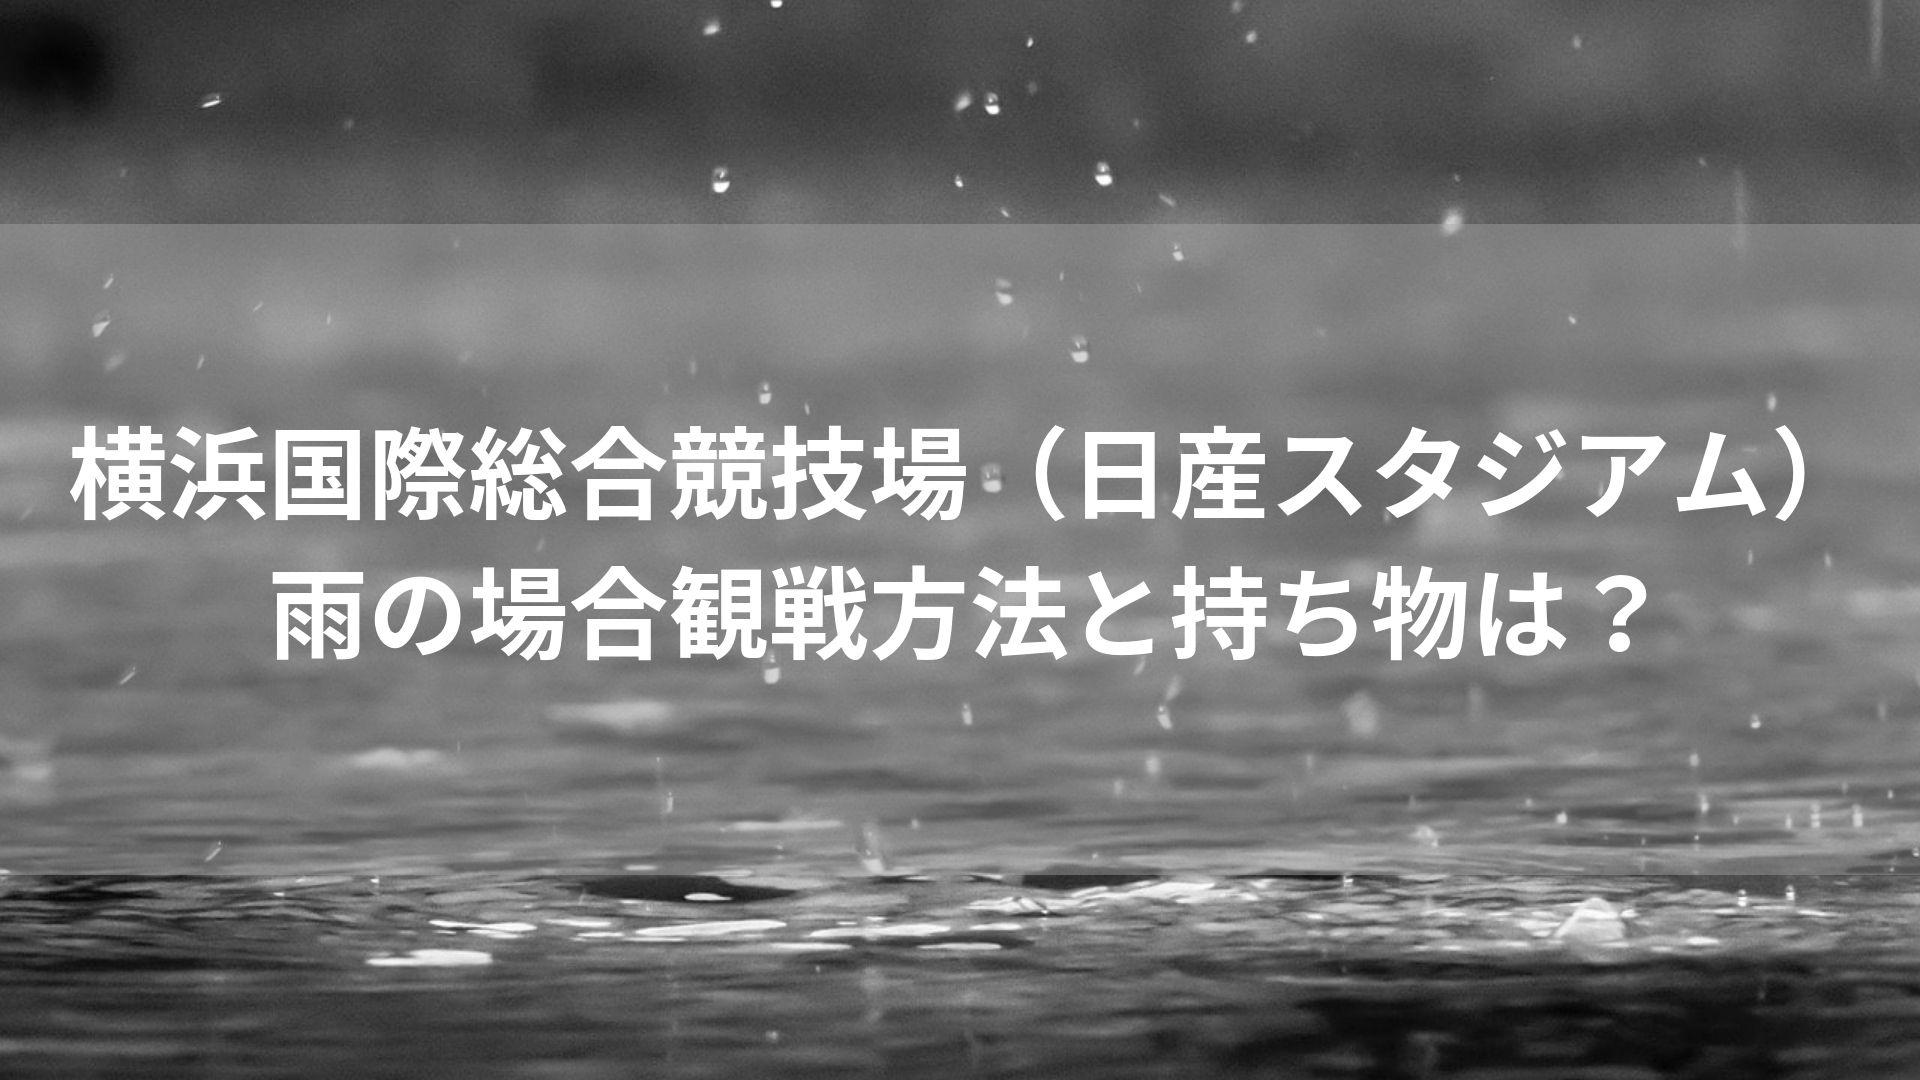 横浜国際総合競技場(日産スタジアム)雨